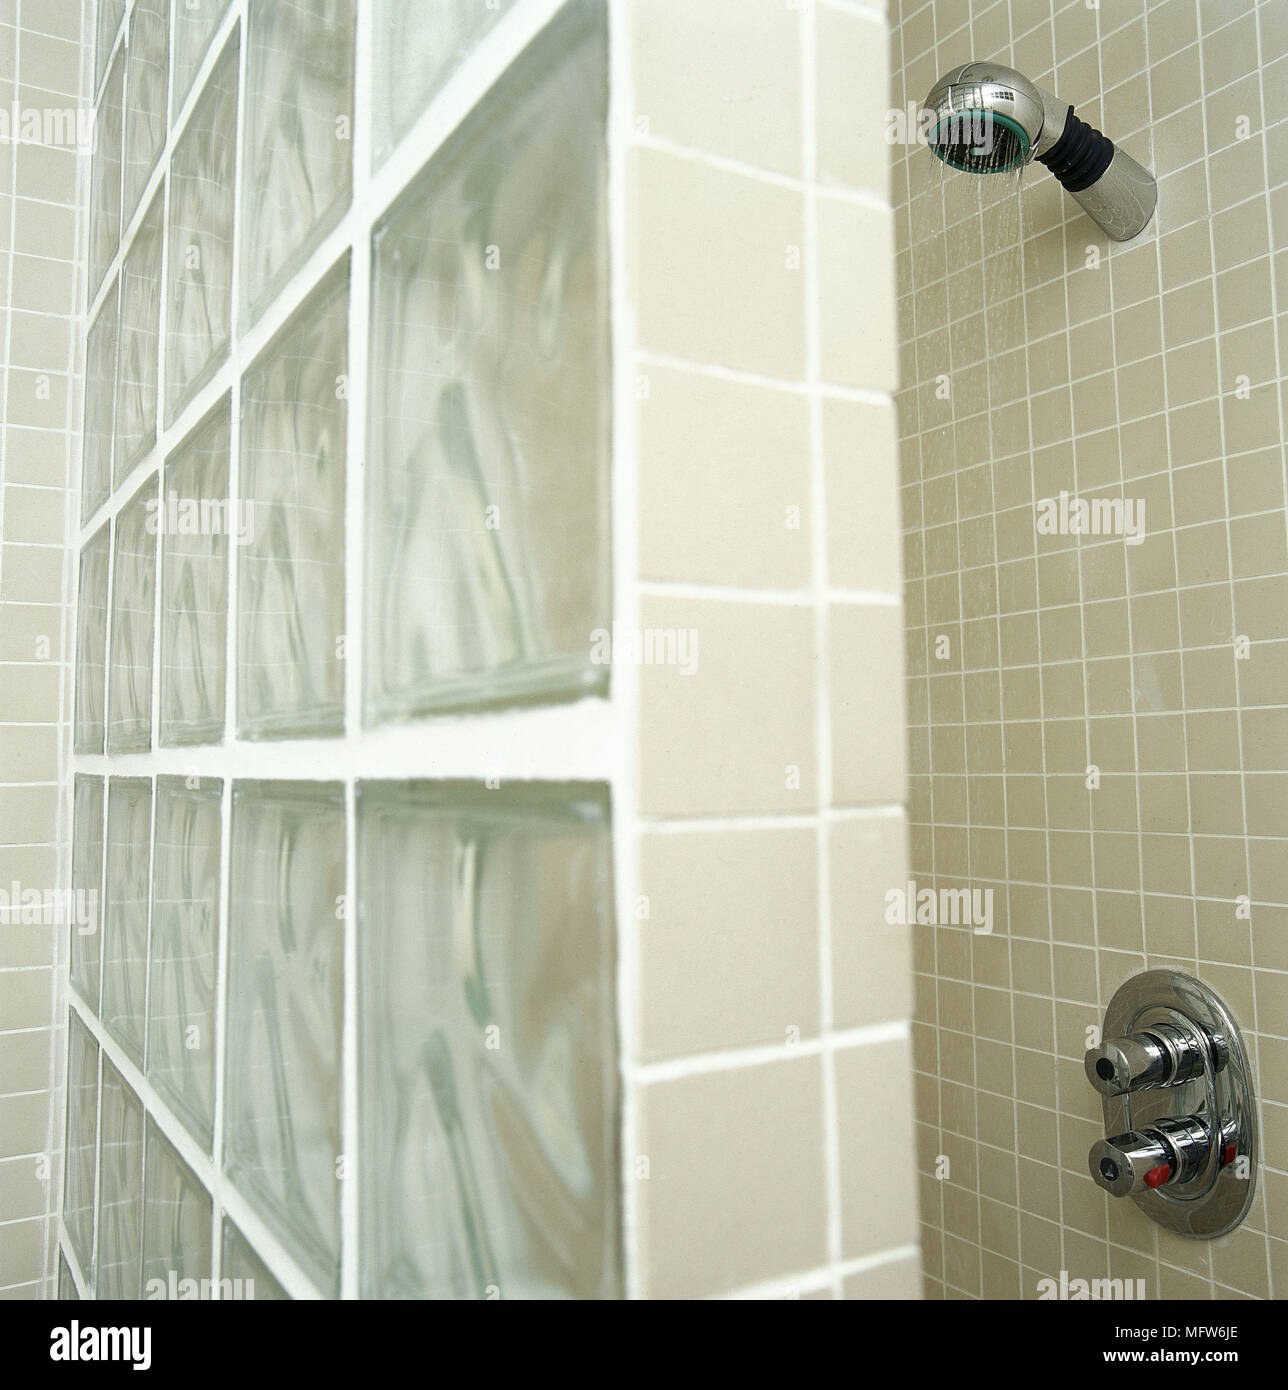 Bagno moderno piastrelle in prati roma bagno in stile in stile moderno di paolo fusco photo - Rivestire bagno senza togliere piastrelle ...